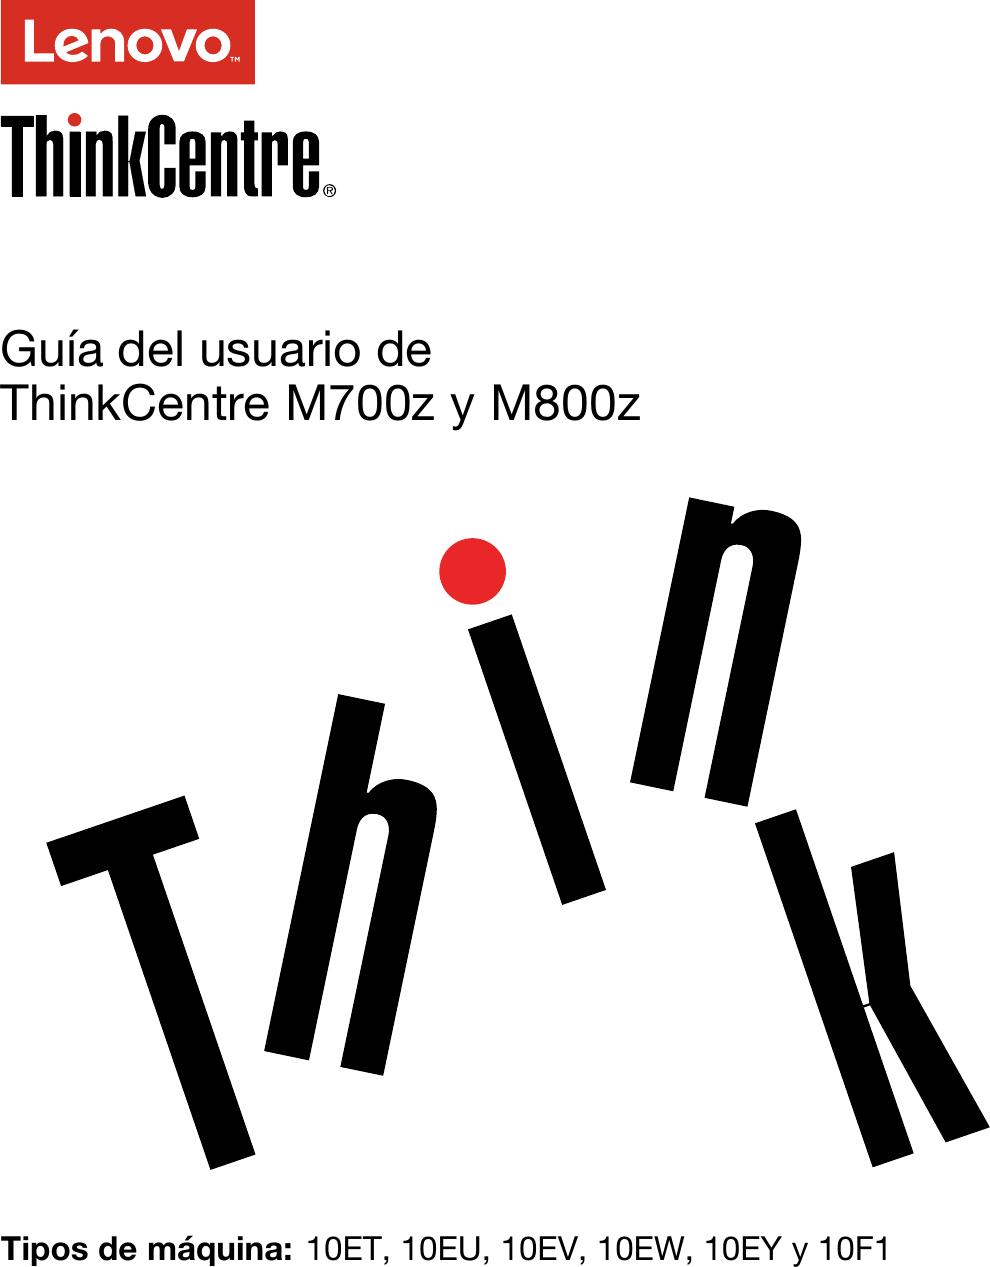 Lenovo M700Z M800Z Ug Es User Manual (Spanish) Guide Think